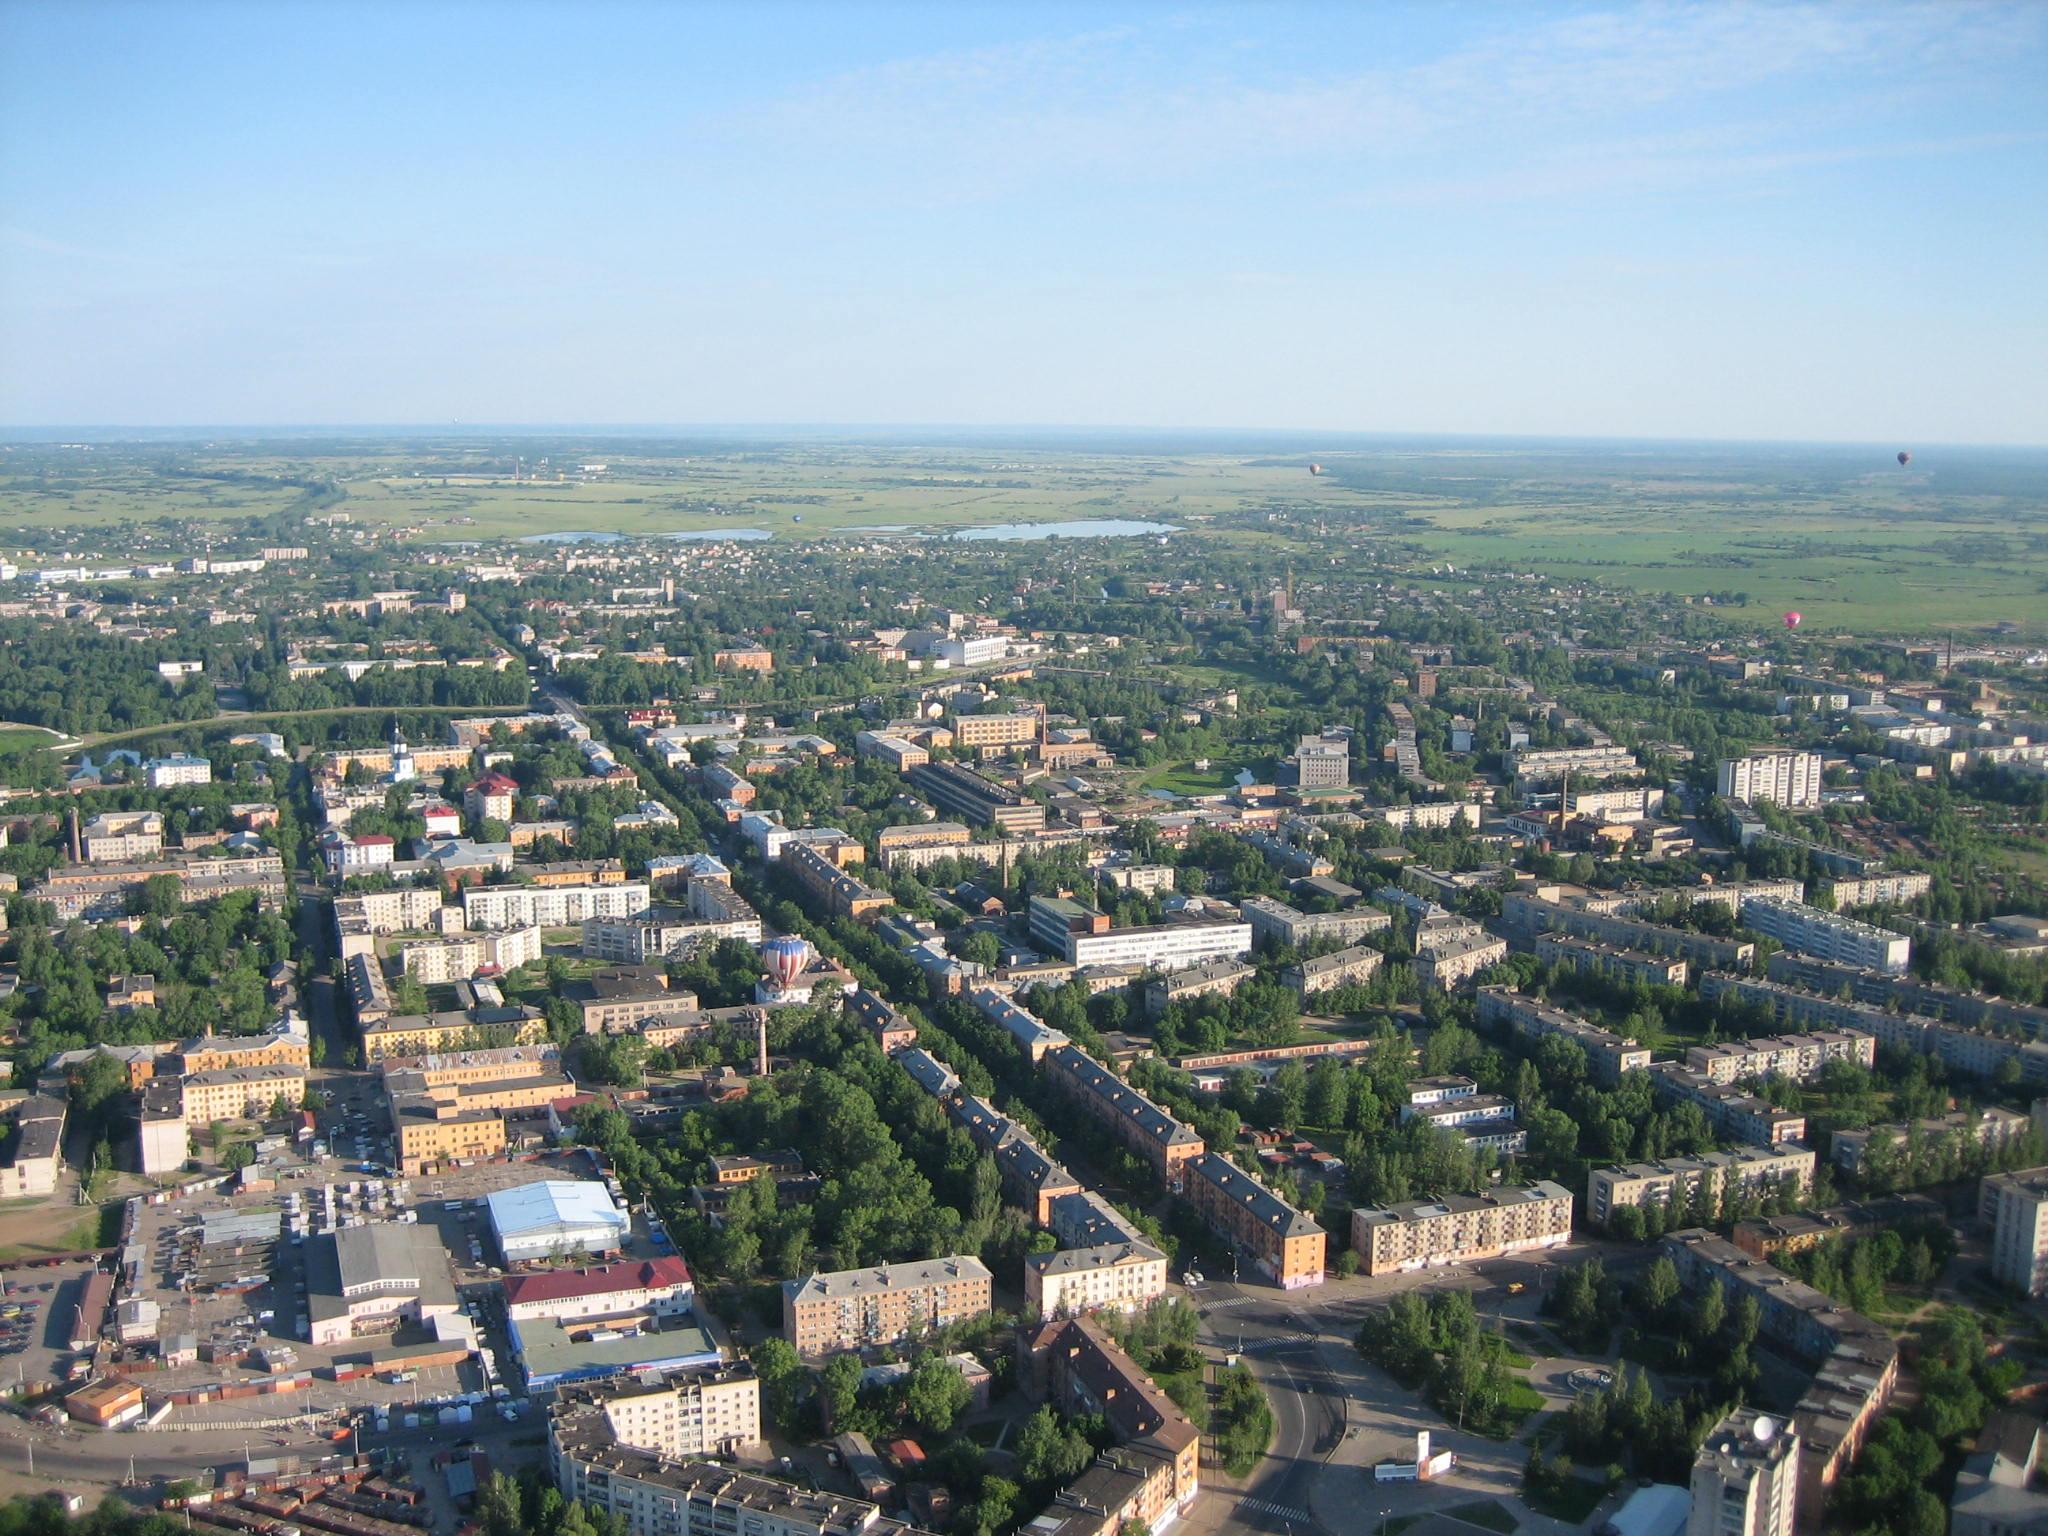 Comesser cifrato da alcool di prezzo in Smolensk